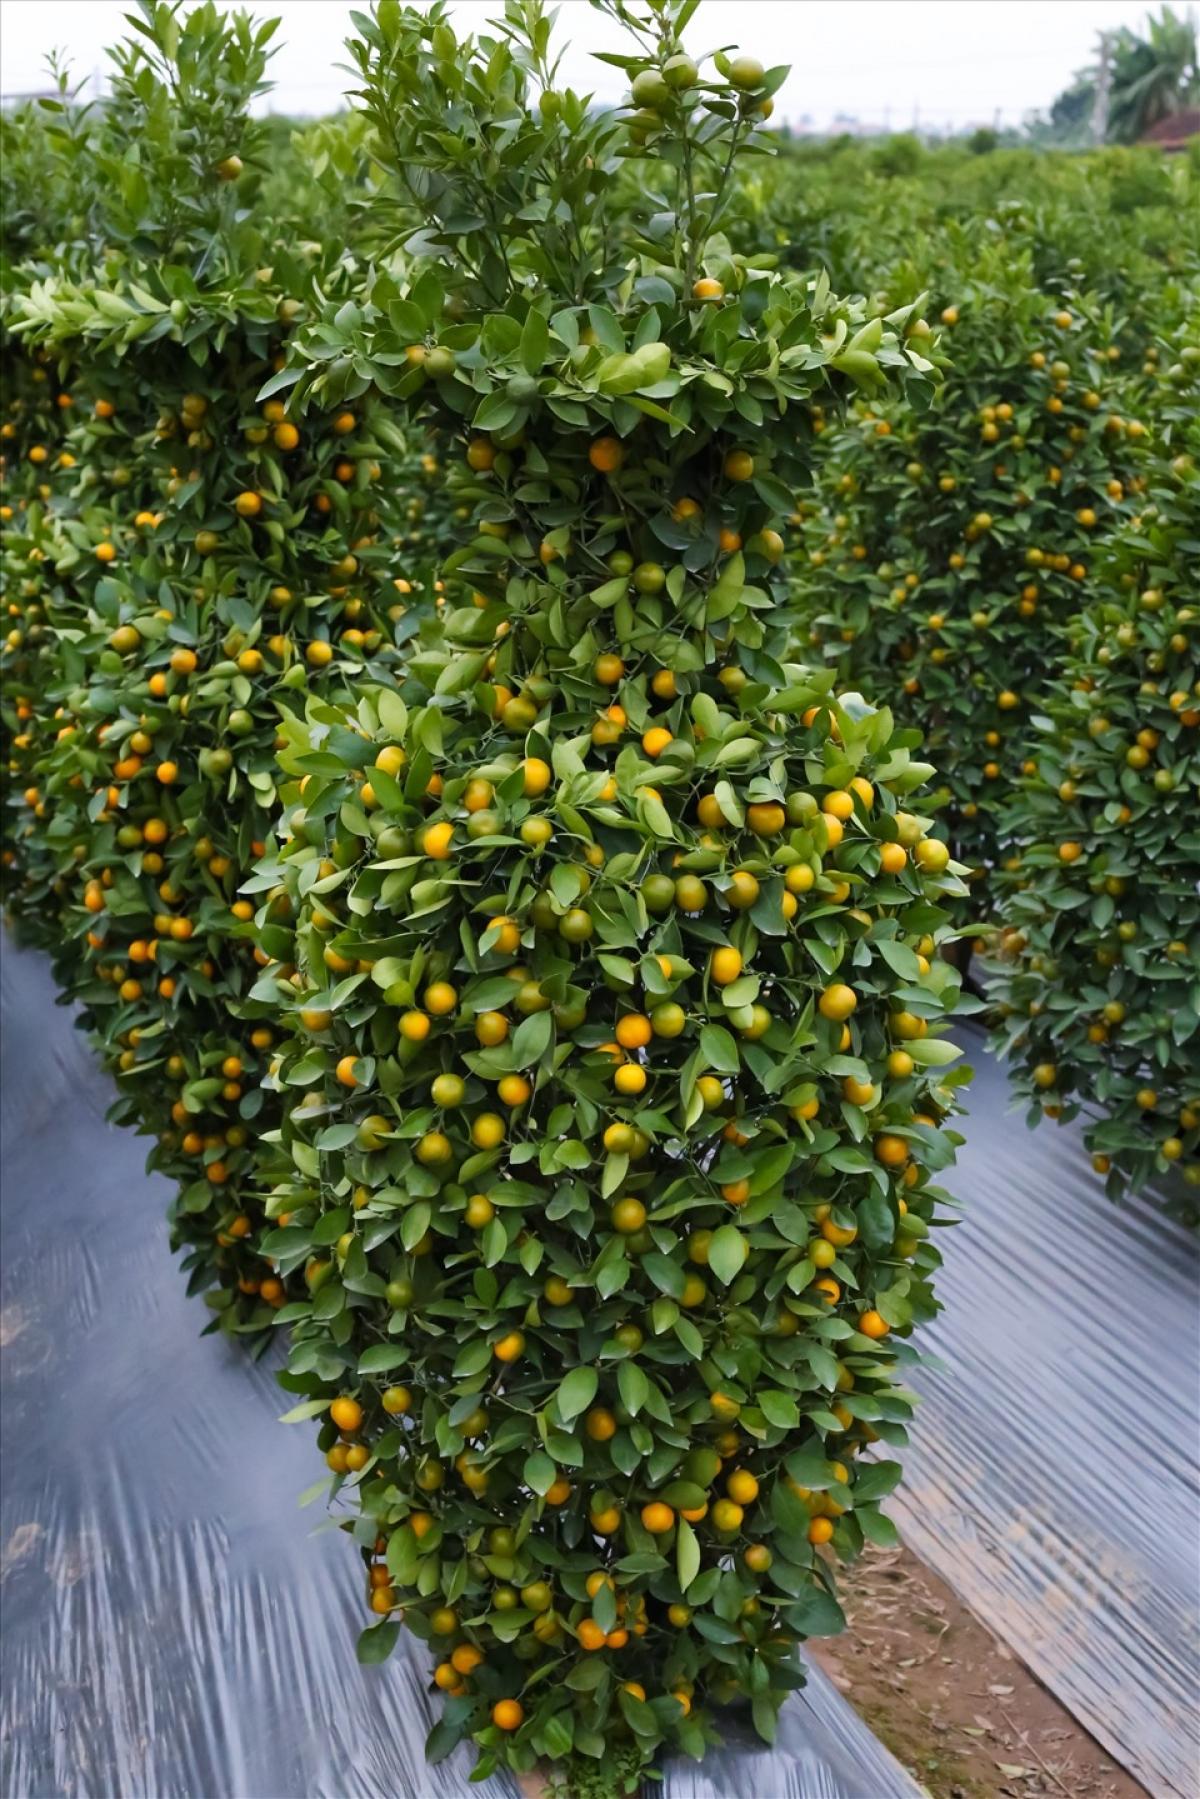 """Thời điểm này, các nhà vườn trồng quất cảnh tại Yên Mỹ (Hưng Yên) cũng đang tất bật bắt tay vào gò thế, tạo dáng """"làm đẹp"""" cho cây để cung cấp ra thị trường./."""